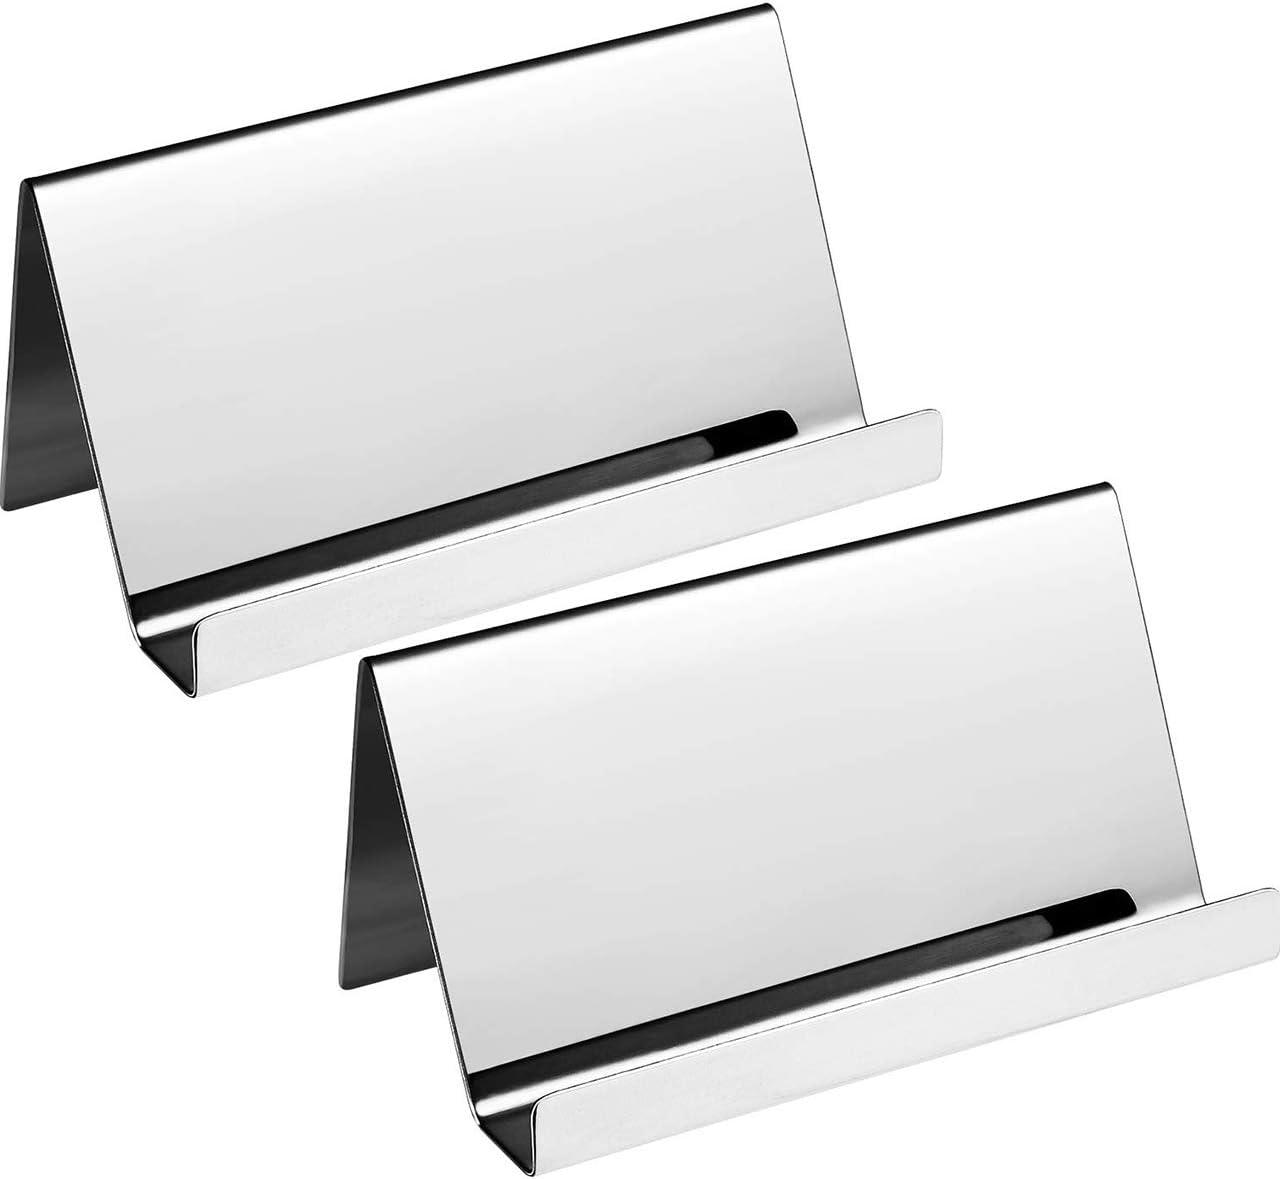 Edelstahl-Visitenkartenhalter Visitenkartenst/änder im rostfreier Stahl Grau DEDC 2 St/ück Visitenkarten-Organizer-Rack